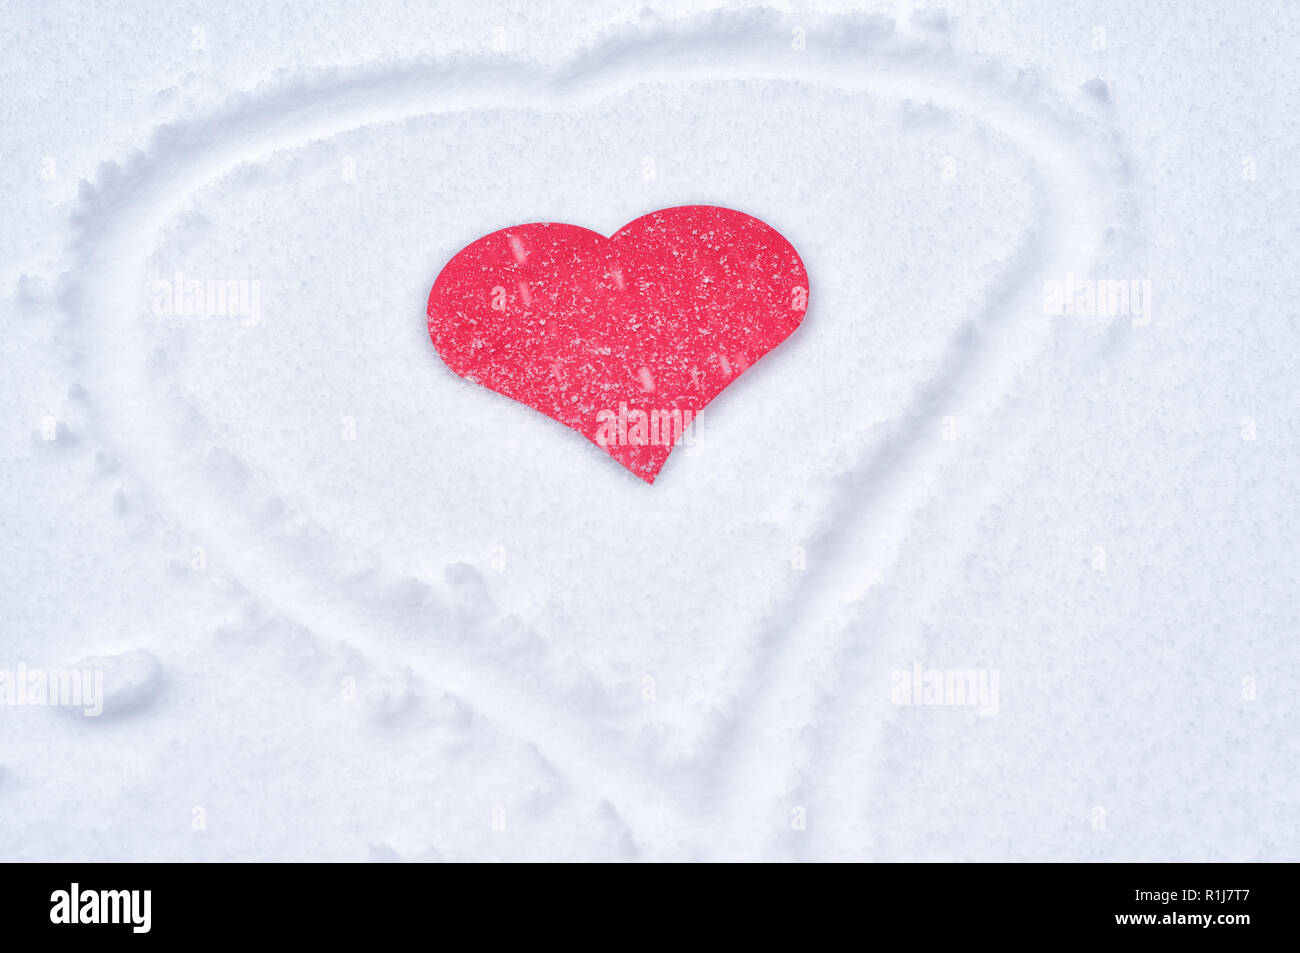 Rotes Herz Aus Papier In Den Frischen Schnee Stockfoto Bild